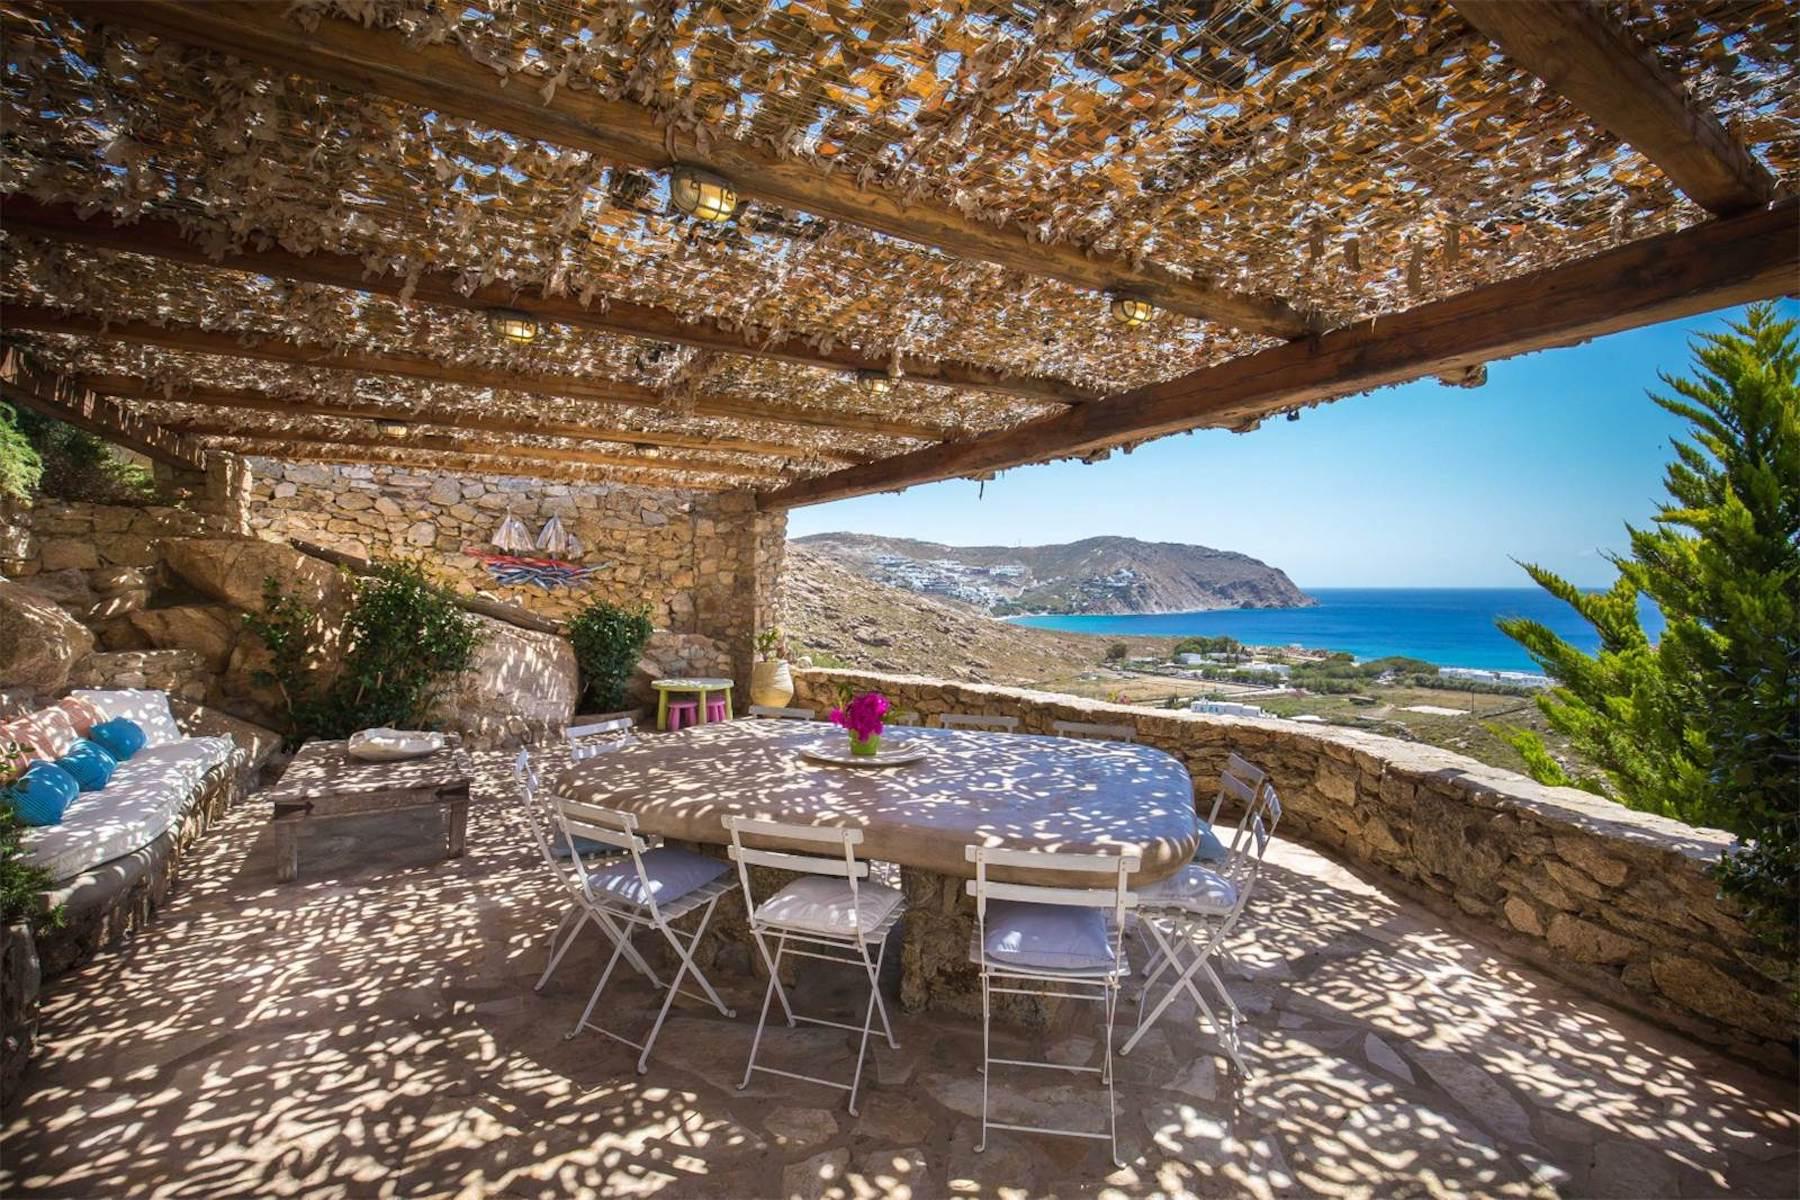 단독 가정 주택 용 매매 에 Hidden Secret Agrari Hidden Secret, Mykonos, 서던 에게, 84600 그리스